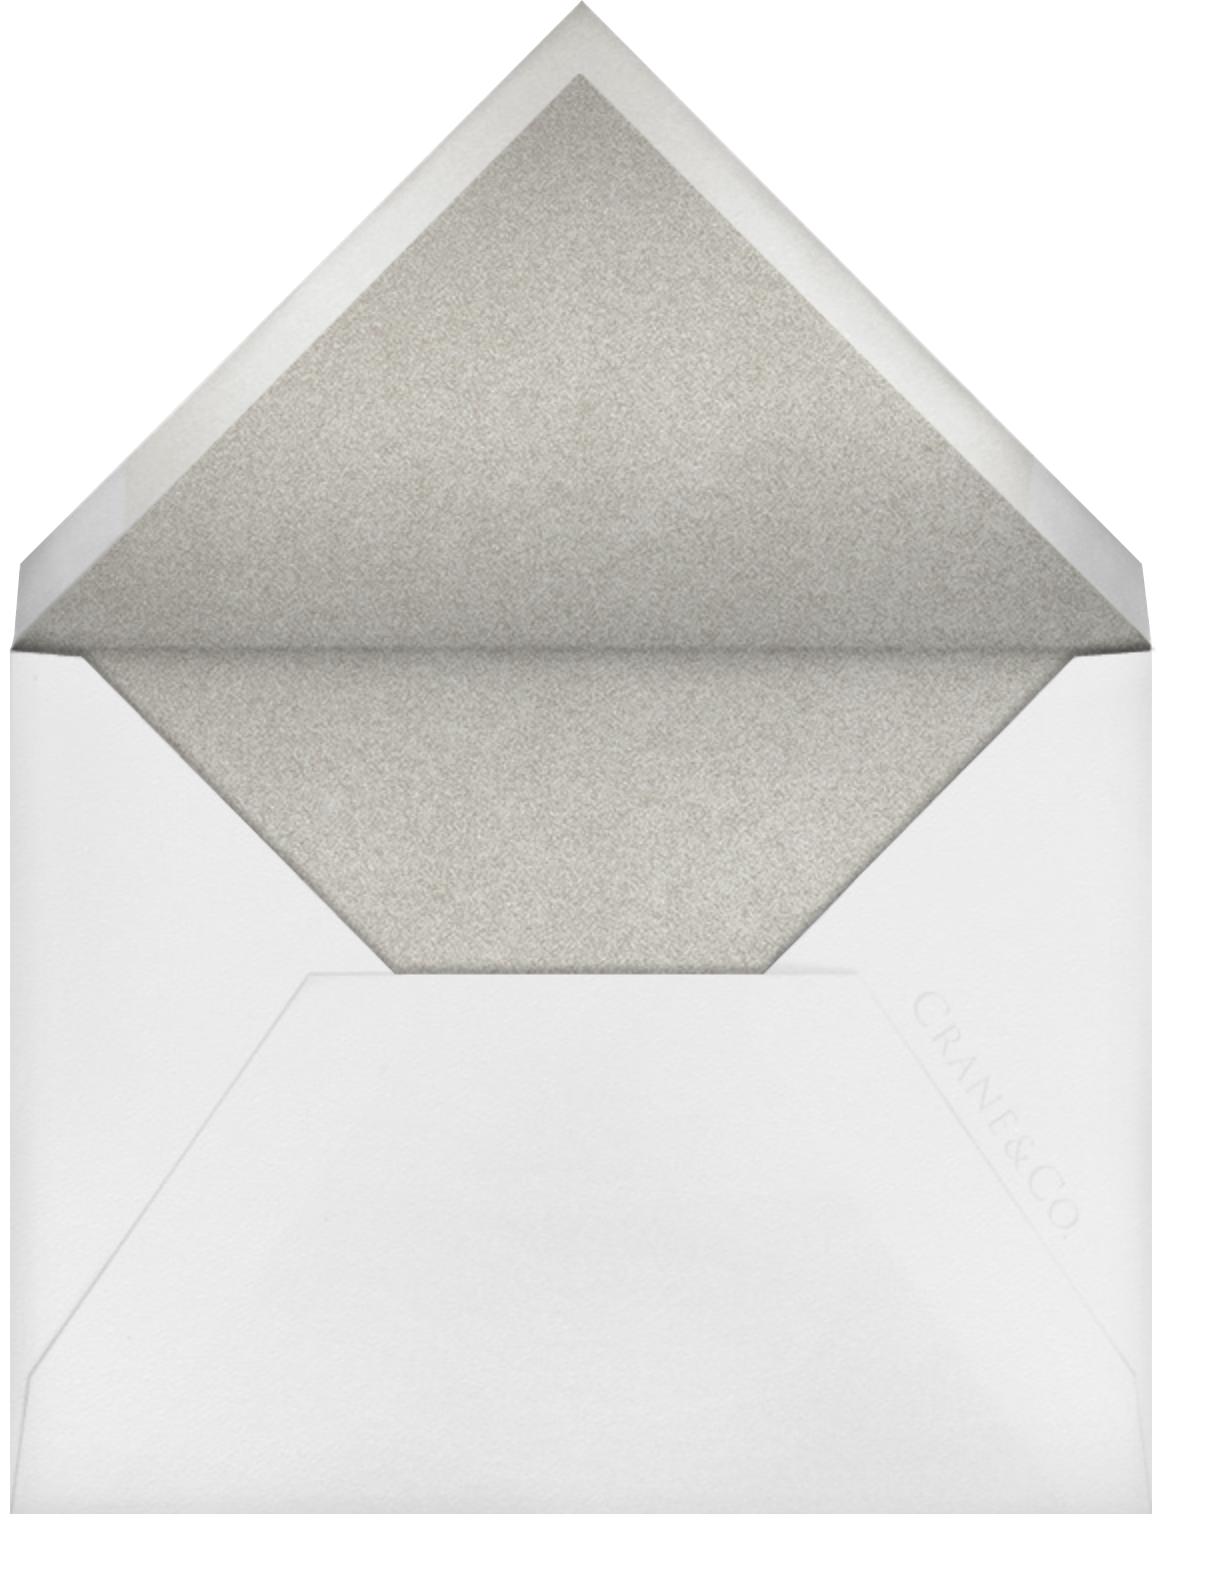 Gala (Thank You) - Platinum - Kelly Wearstler - Personalized stationery - envelope back